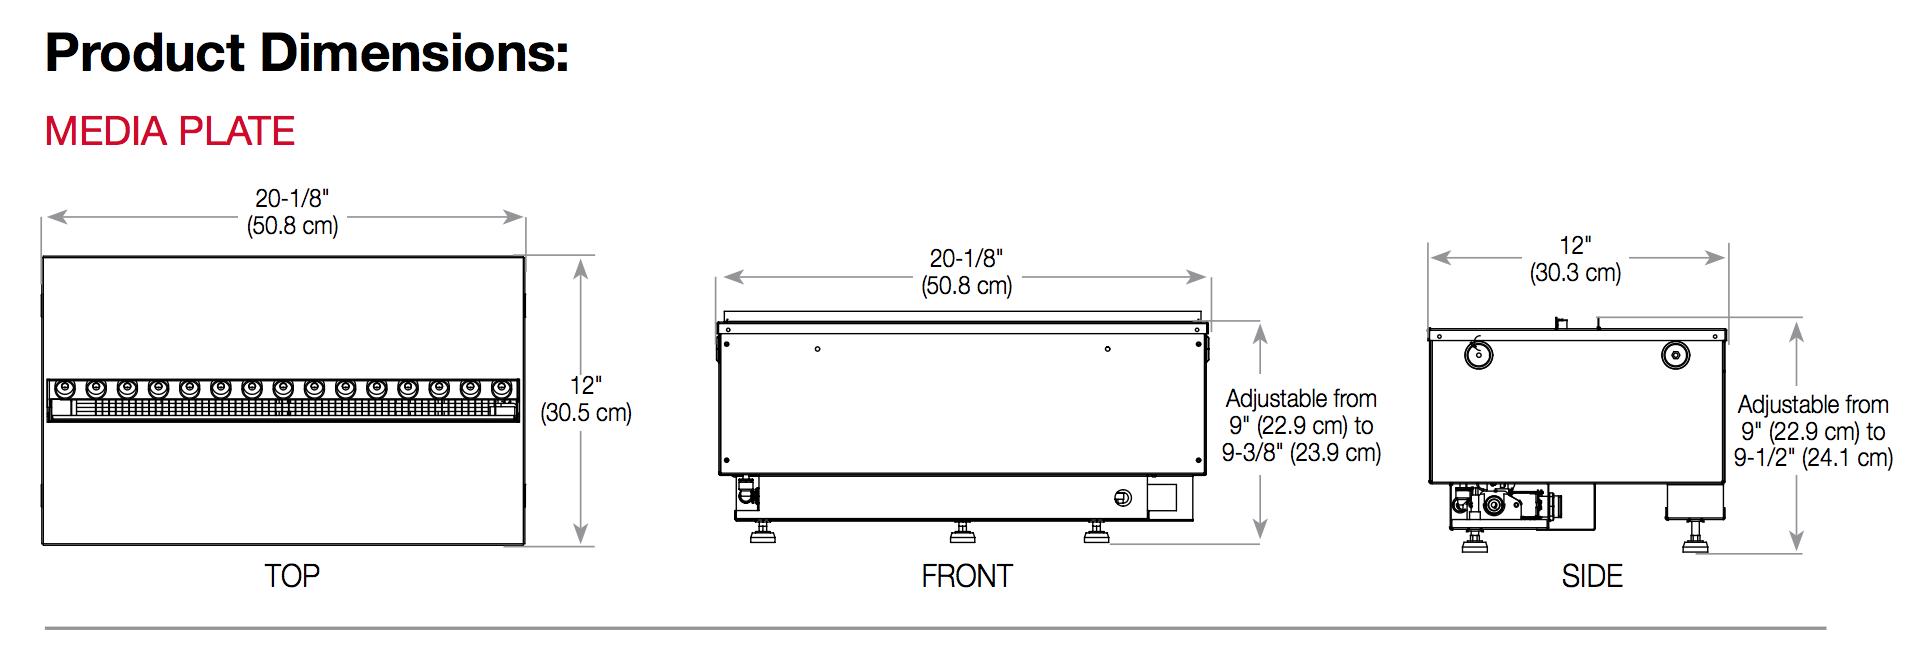 dimplex-cdfi500cp-specs-02.png